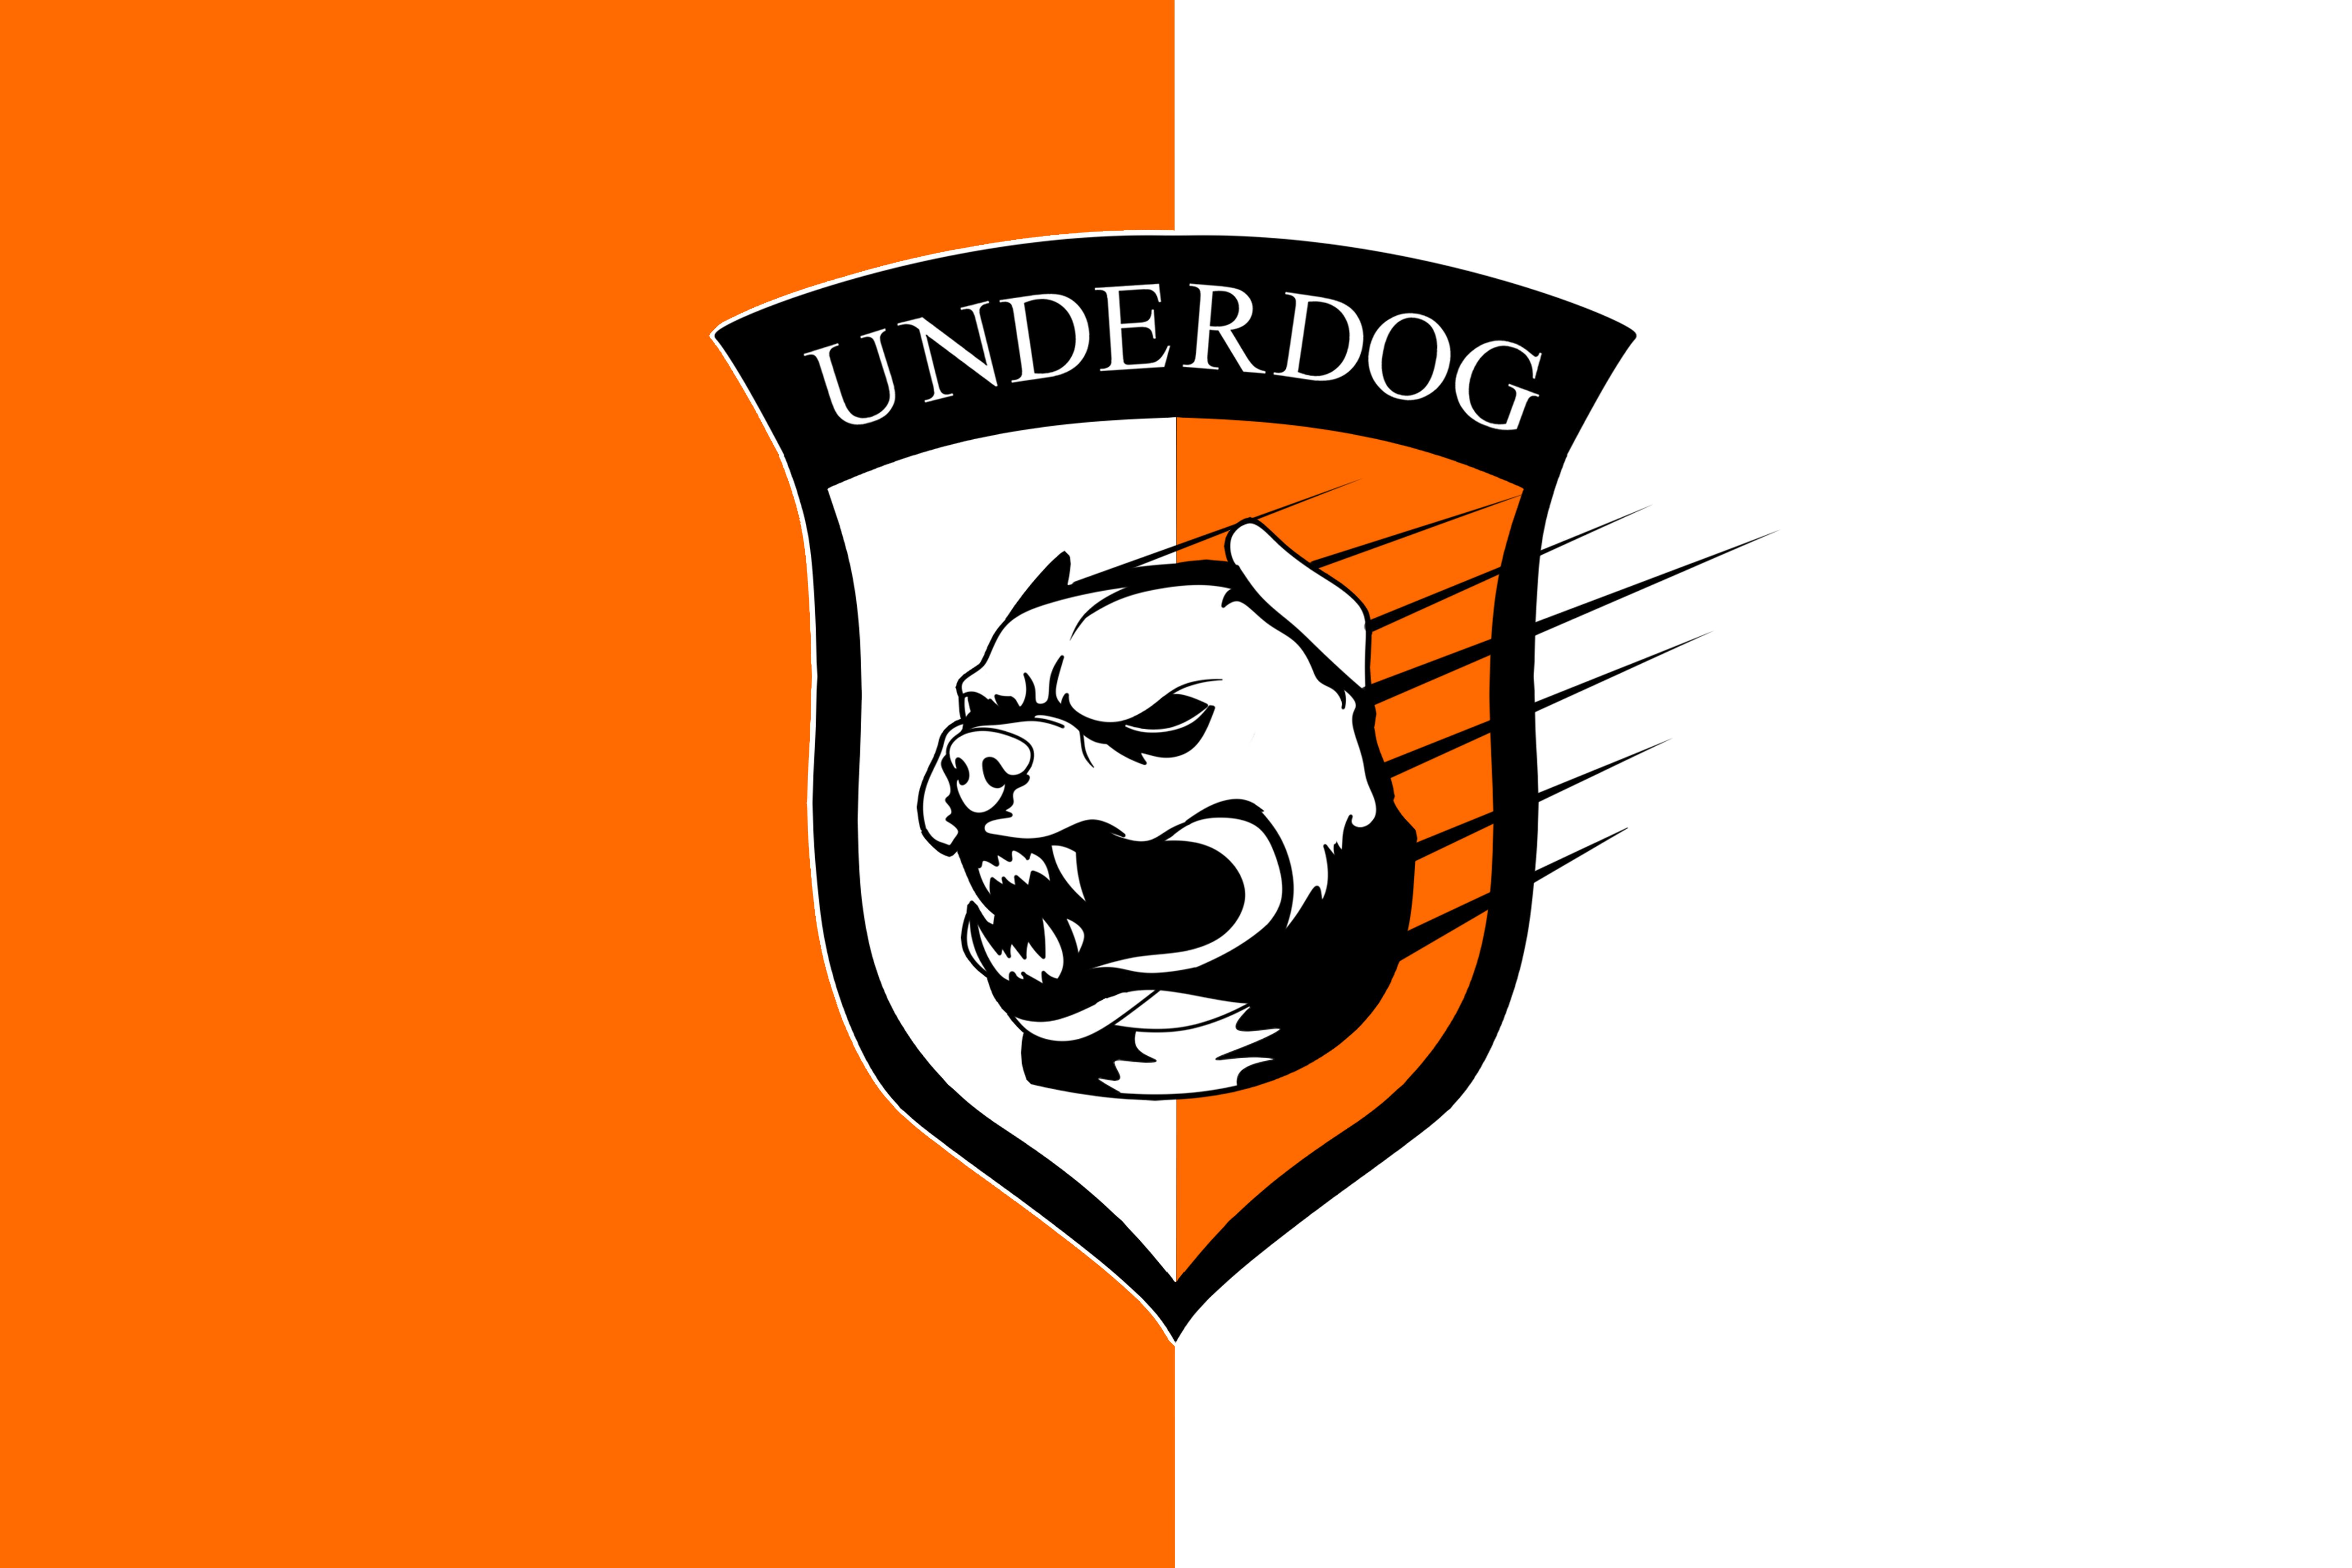 Футбольный клуб UNDERDOG - разработать фирстиль и бренд-бук фото f_1625caf0f19f3828.png